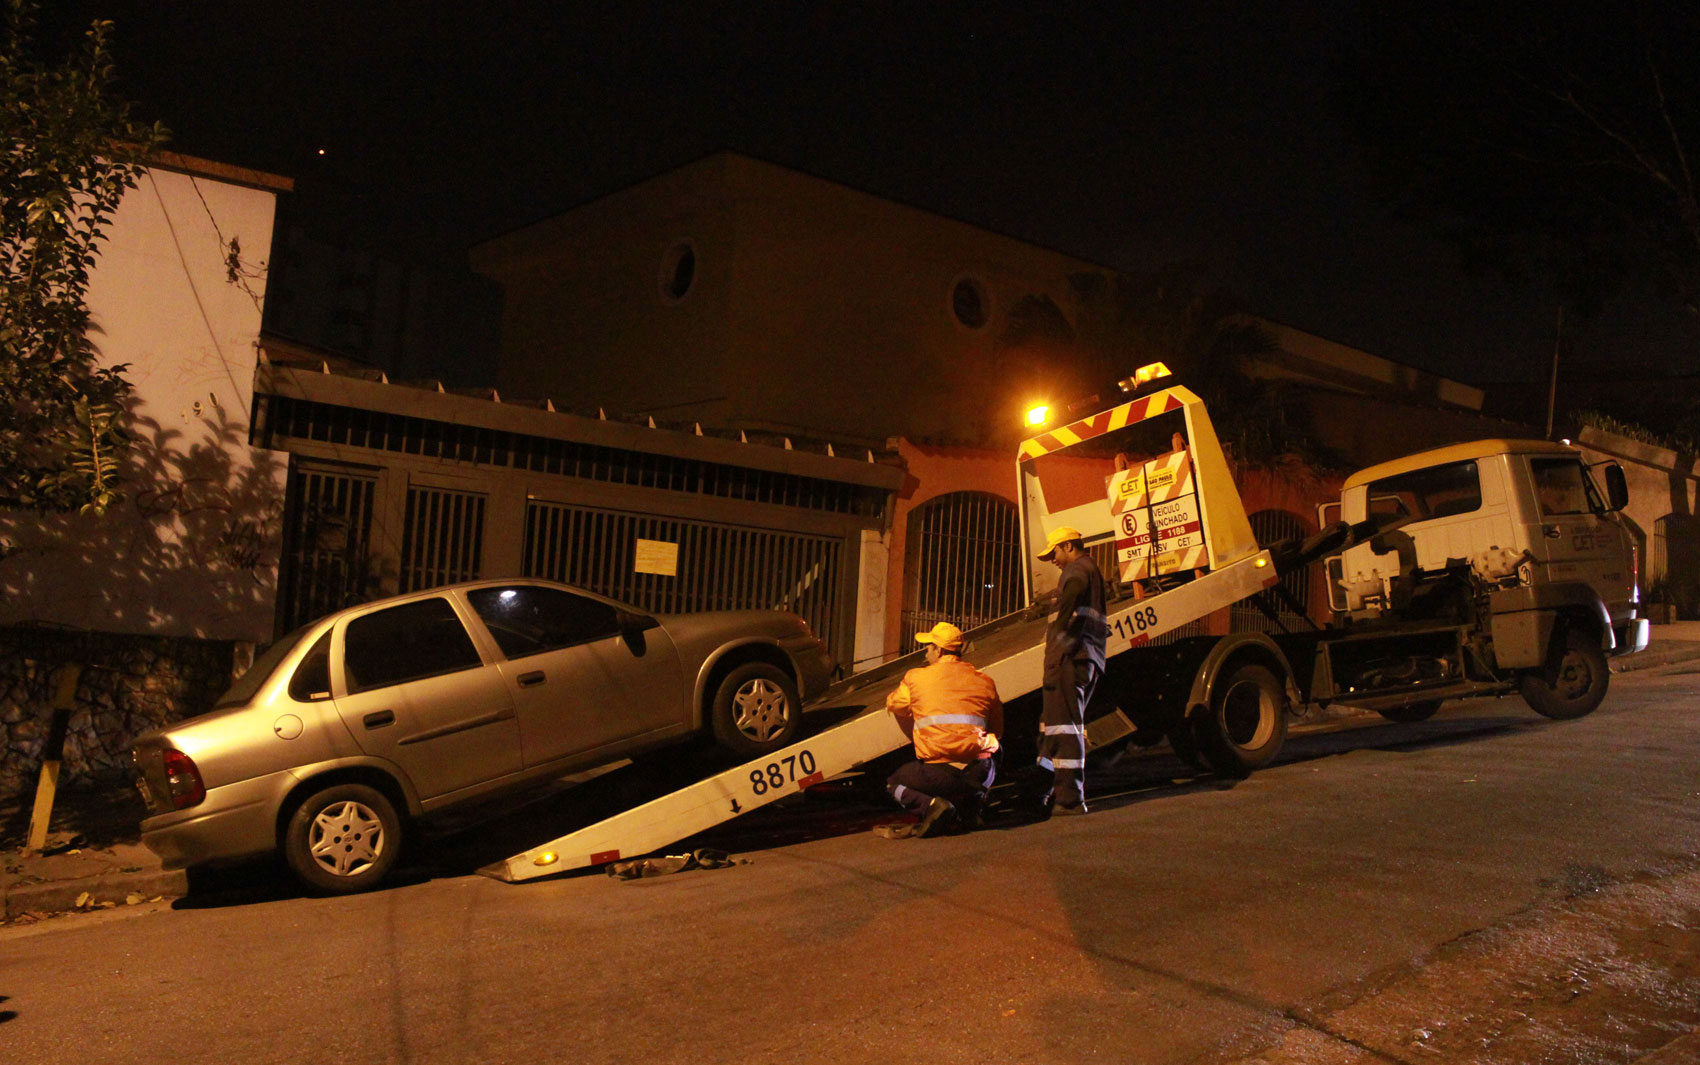 Polícia encontra e recolhe o carro do casal de policiais na Rua Professor João Machado, no bairro da Freguesia do Ó, Zona Norte da capital paulista